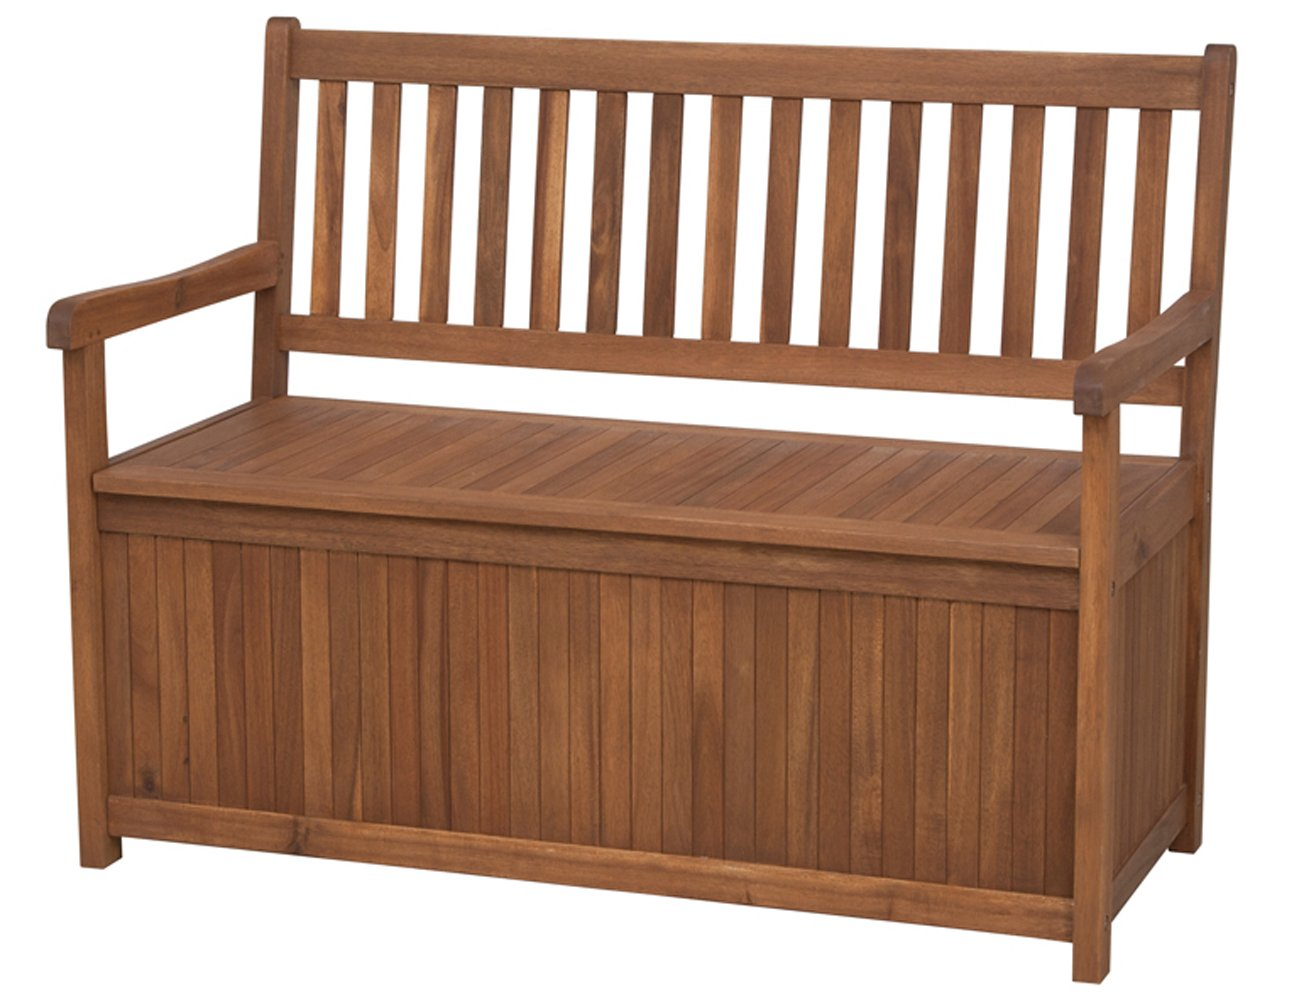 Siena garden 800520 melton banco madera de acacia y for Bancos de jardin con almacenaje